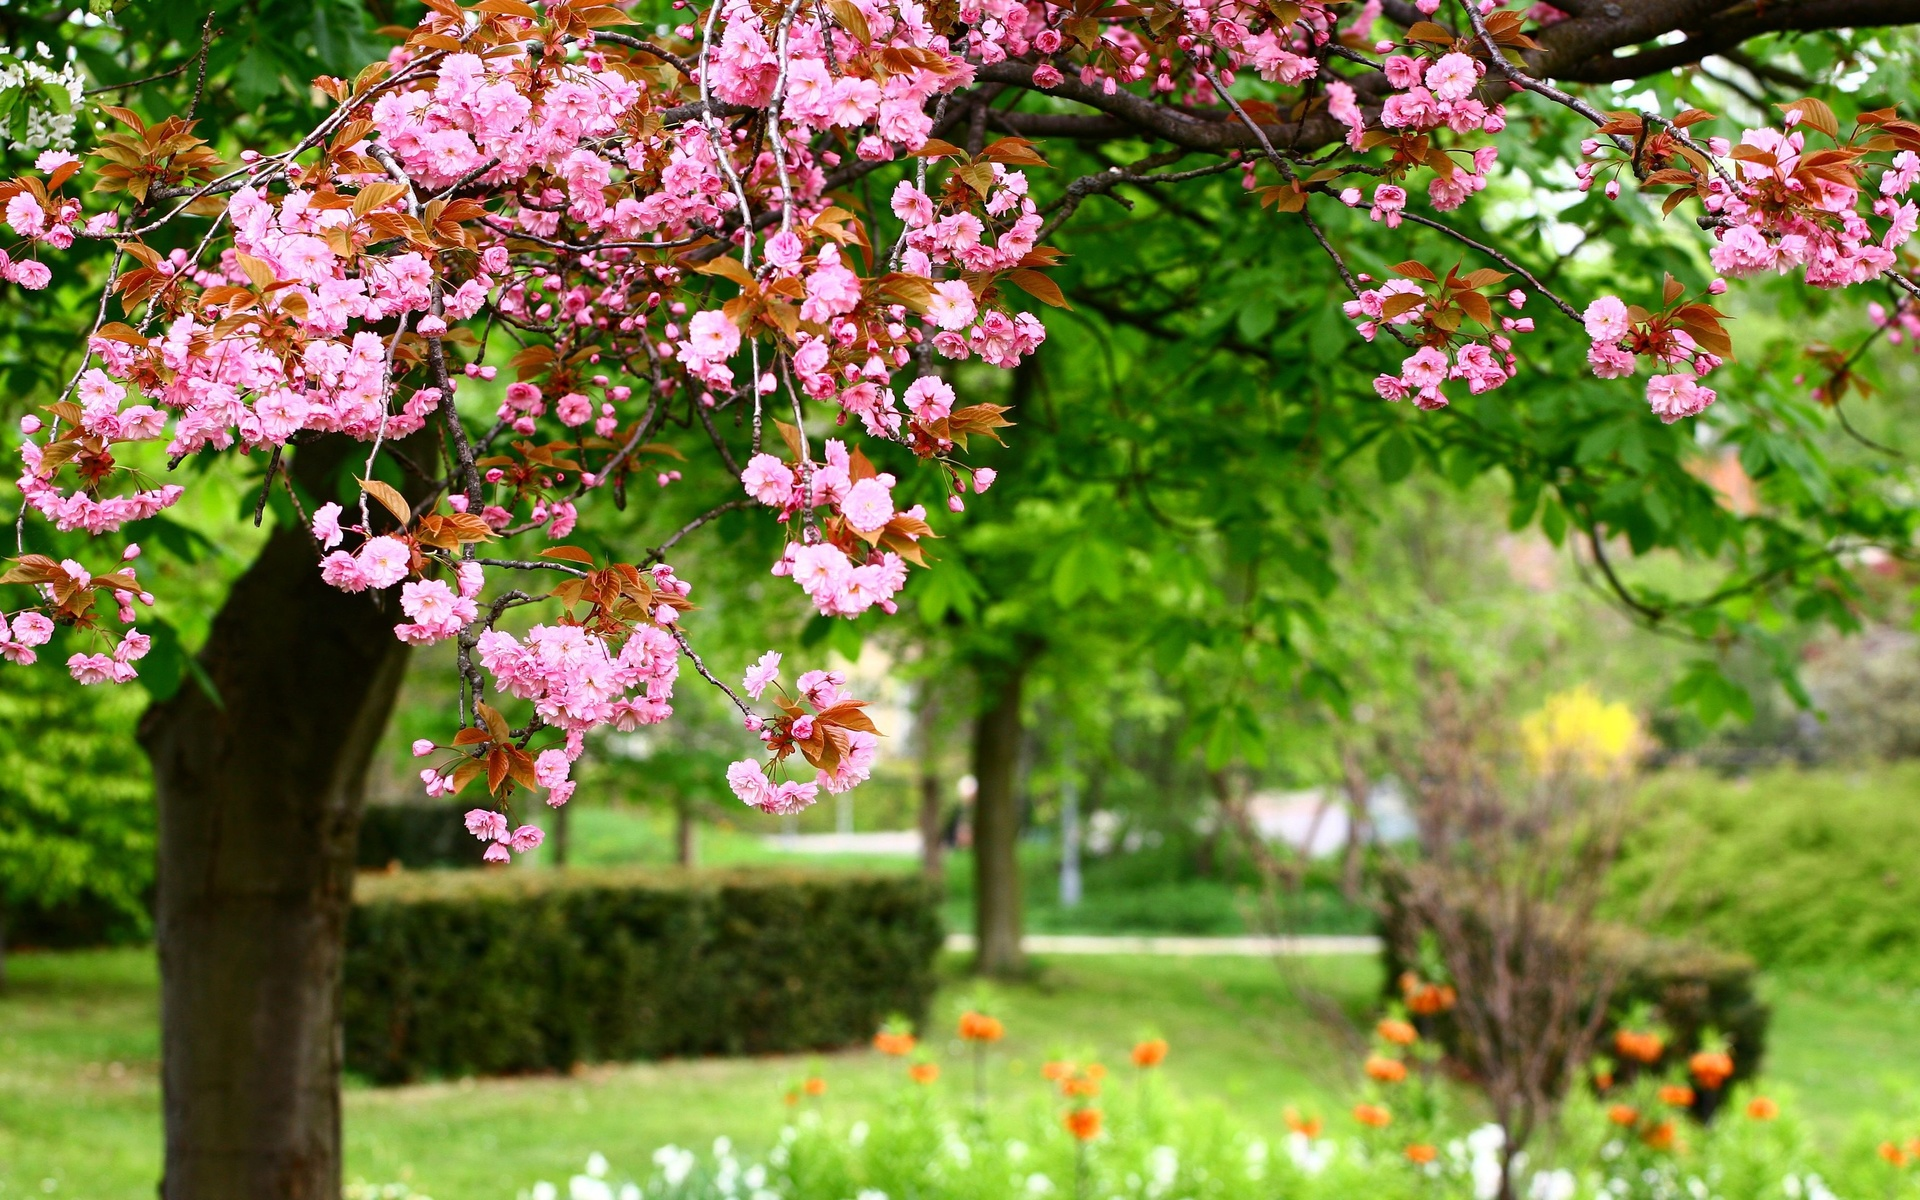 природа, весна, парк, дерево, ветки, цветение, сакура, кусты